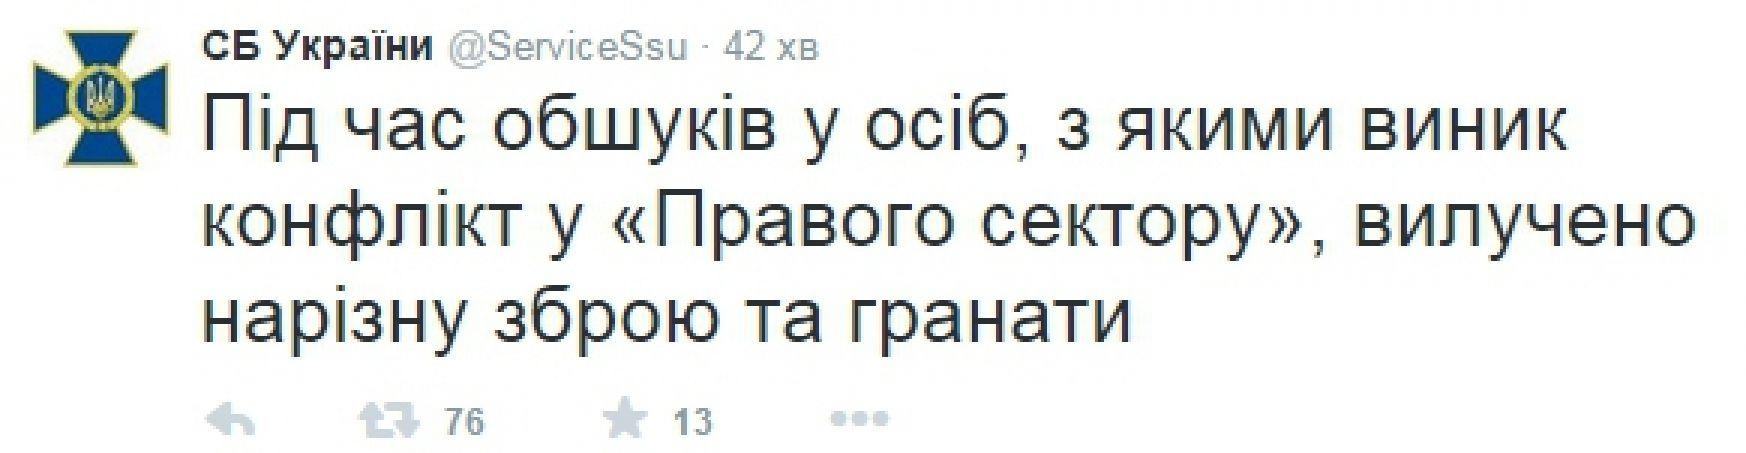 СБУ сообщает о результате обыска у бандитов Ланьо